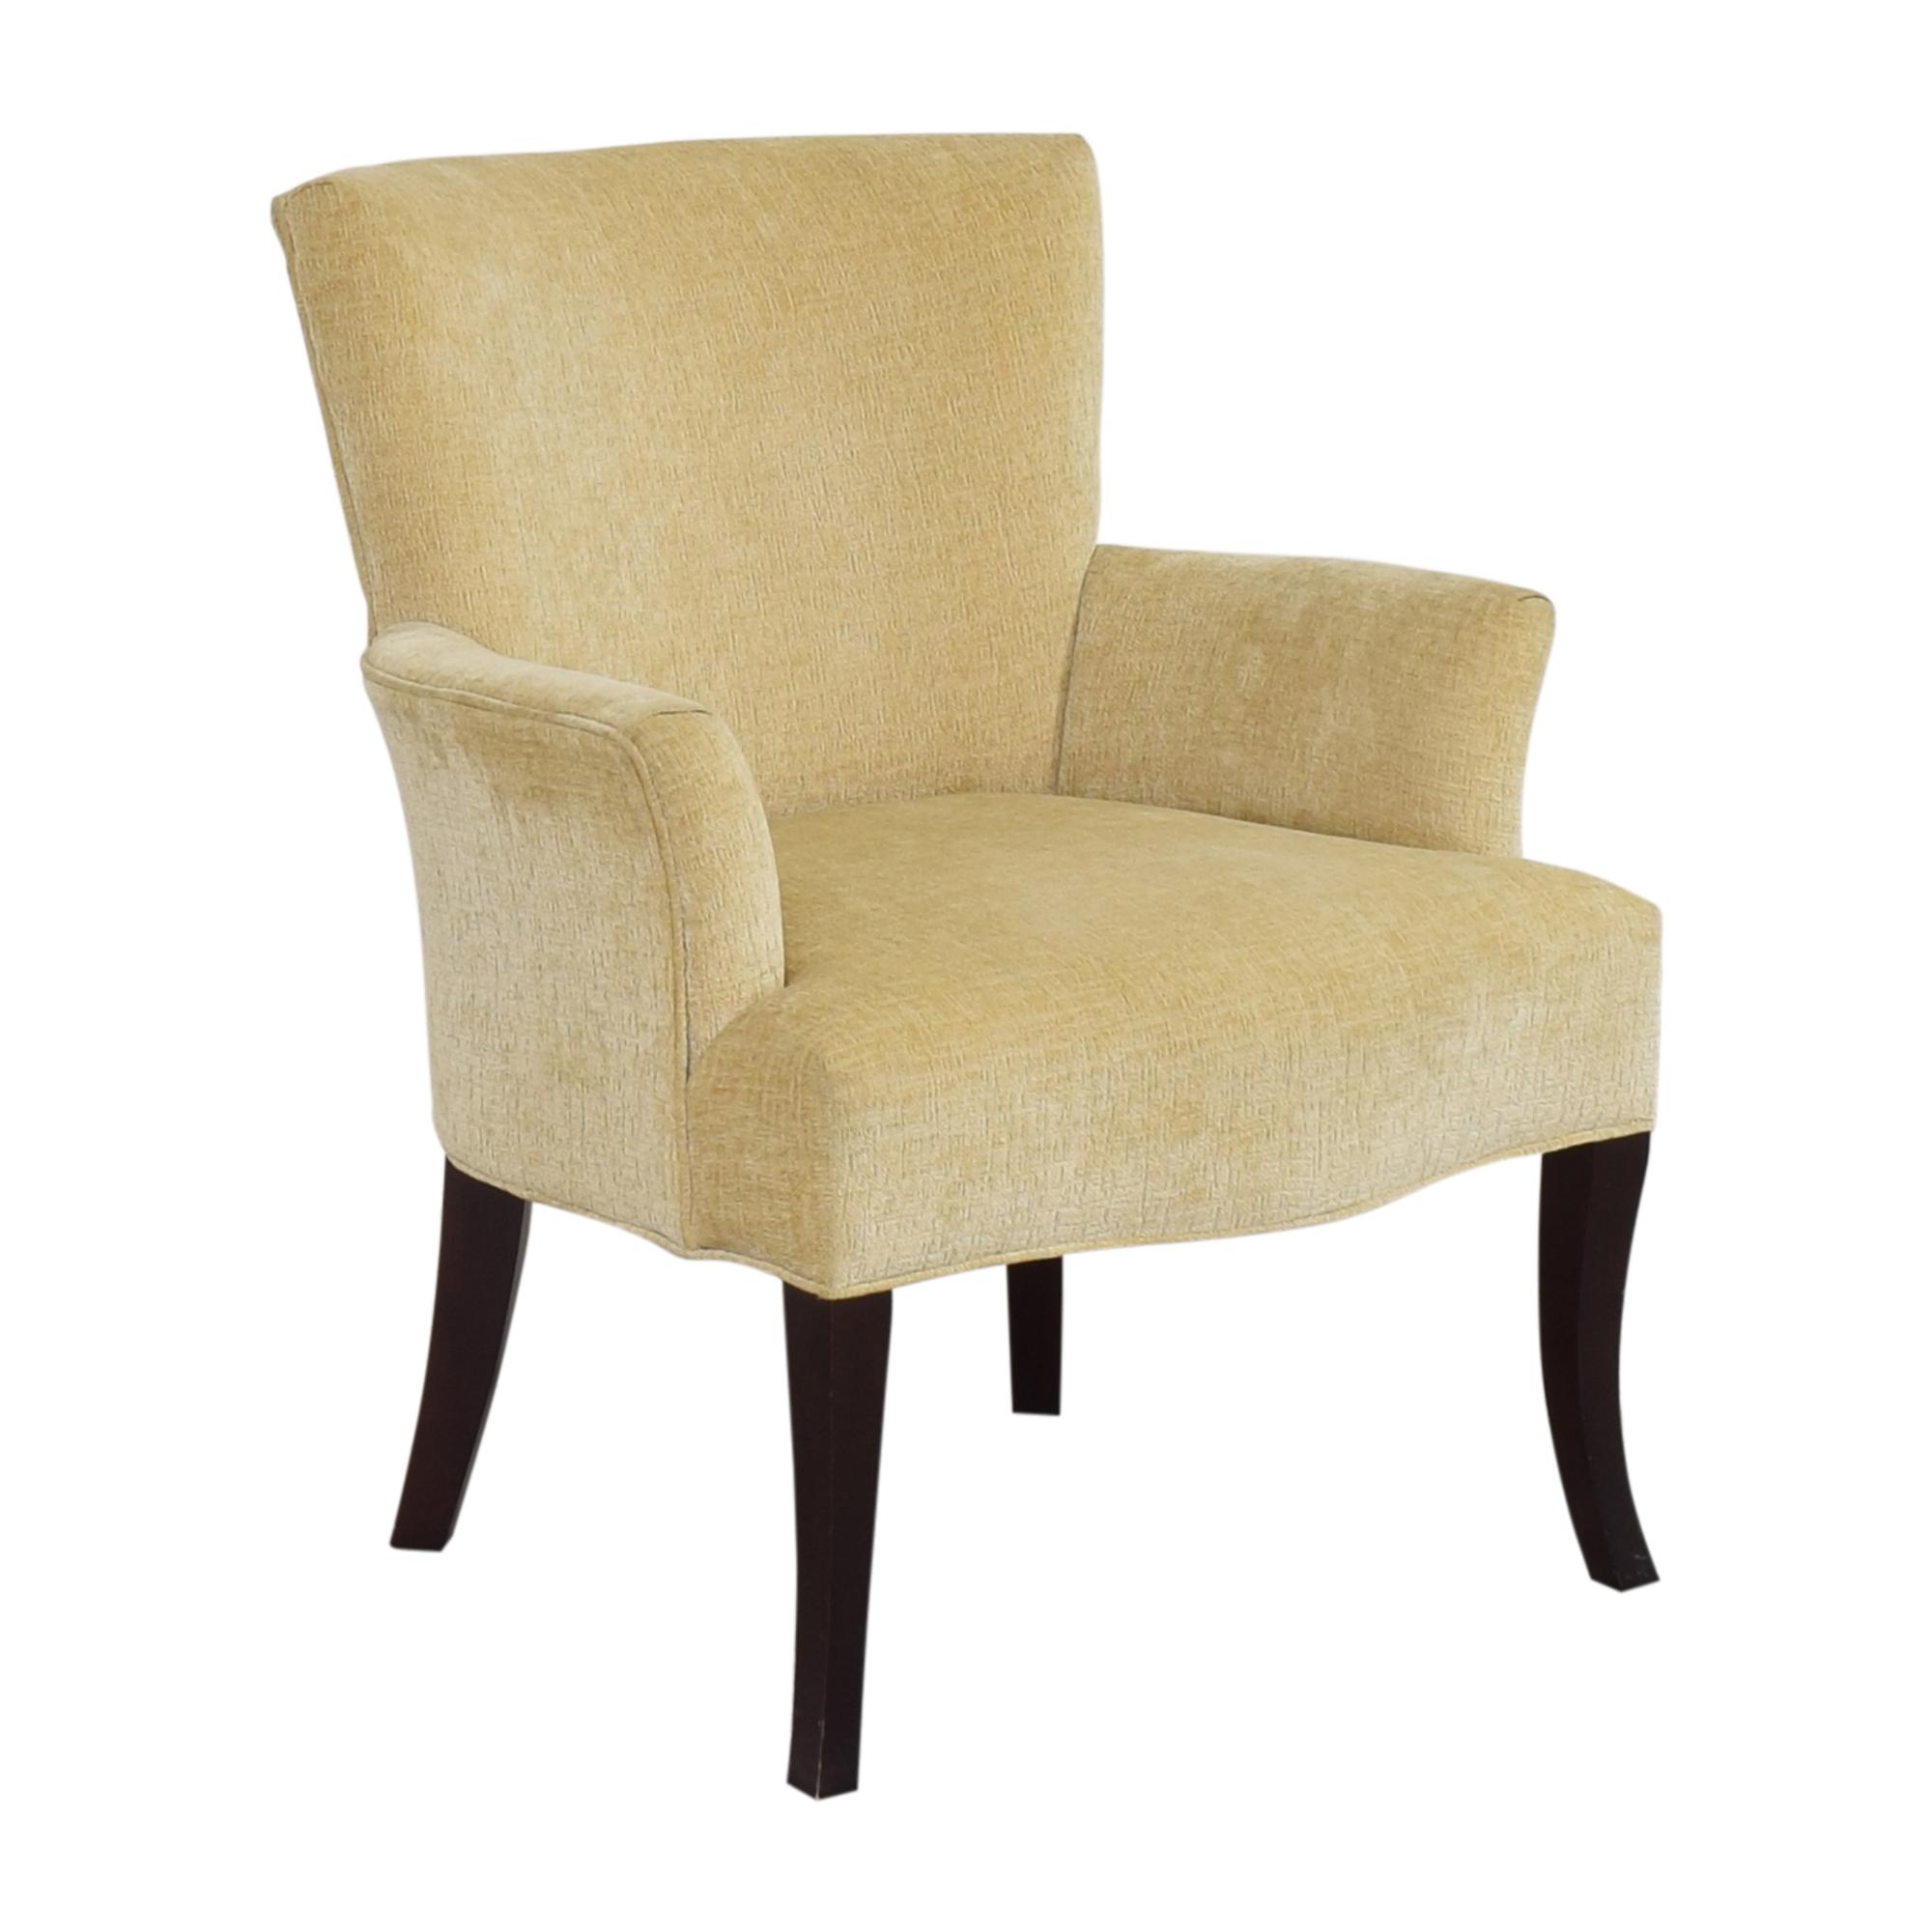 Crate & Barrel Crate & Barrel Accent Arm Chair discount